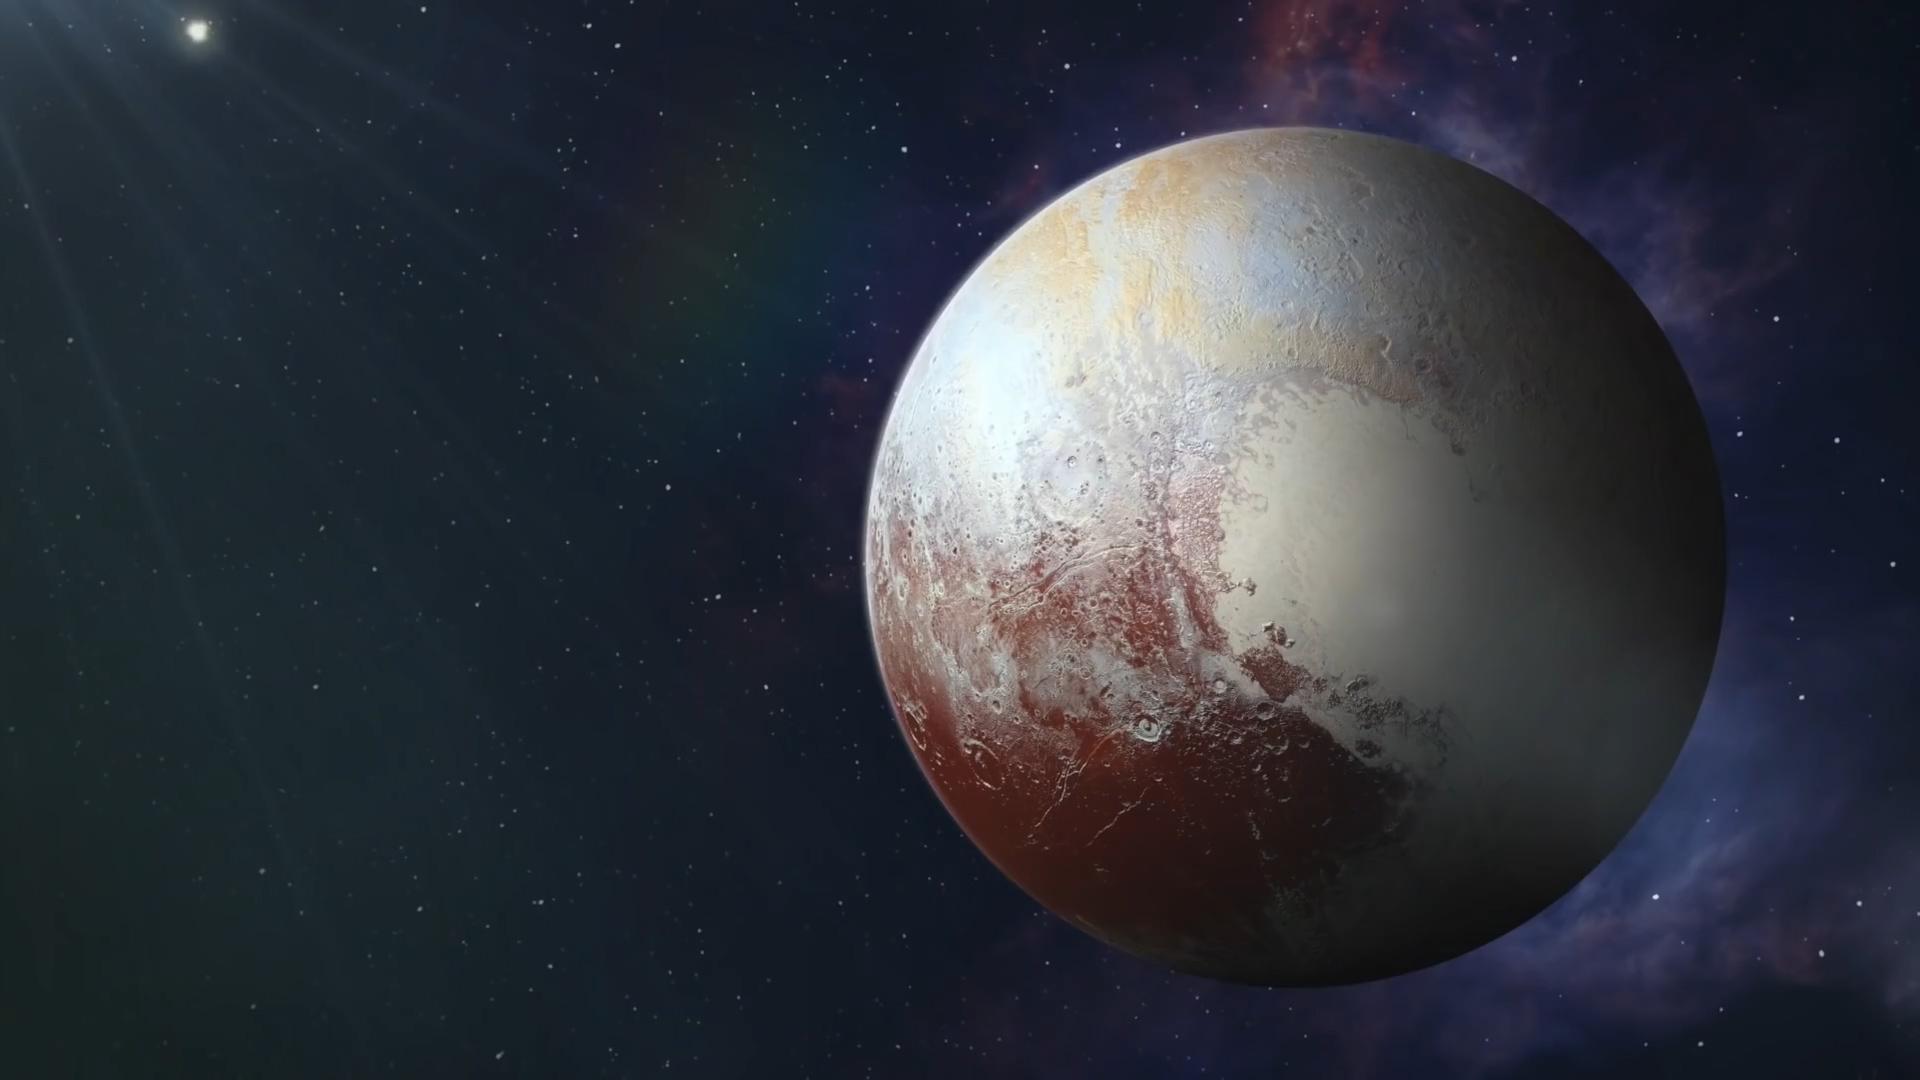 距太阳59亿公里的冥王星,究竟有何可怕之处